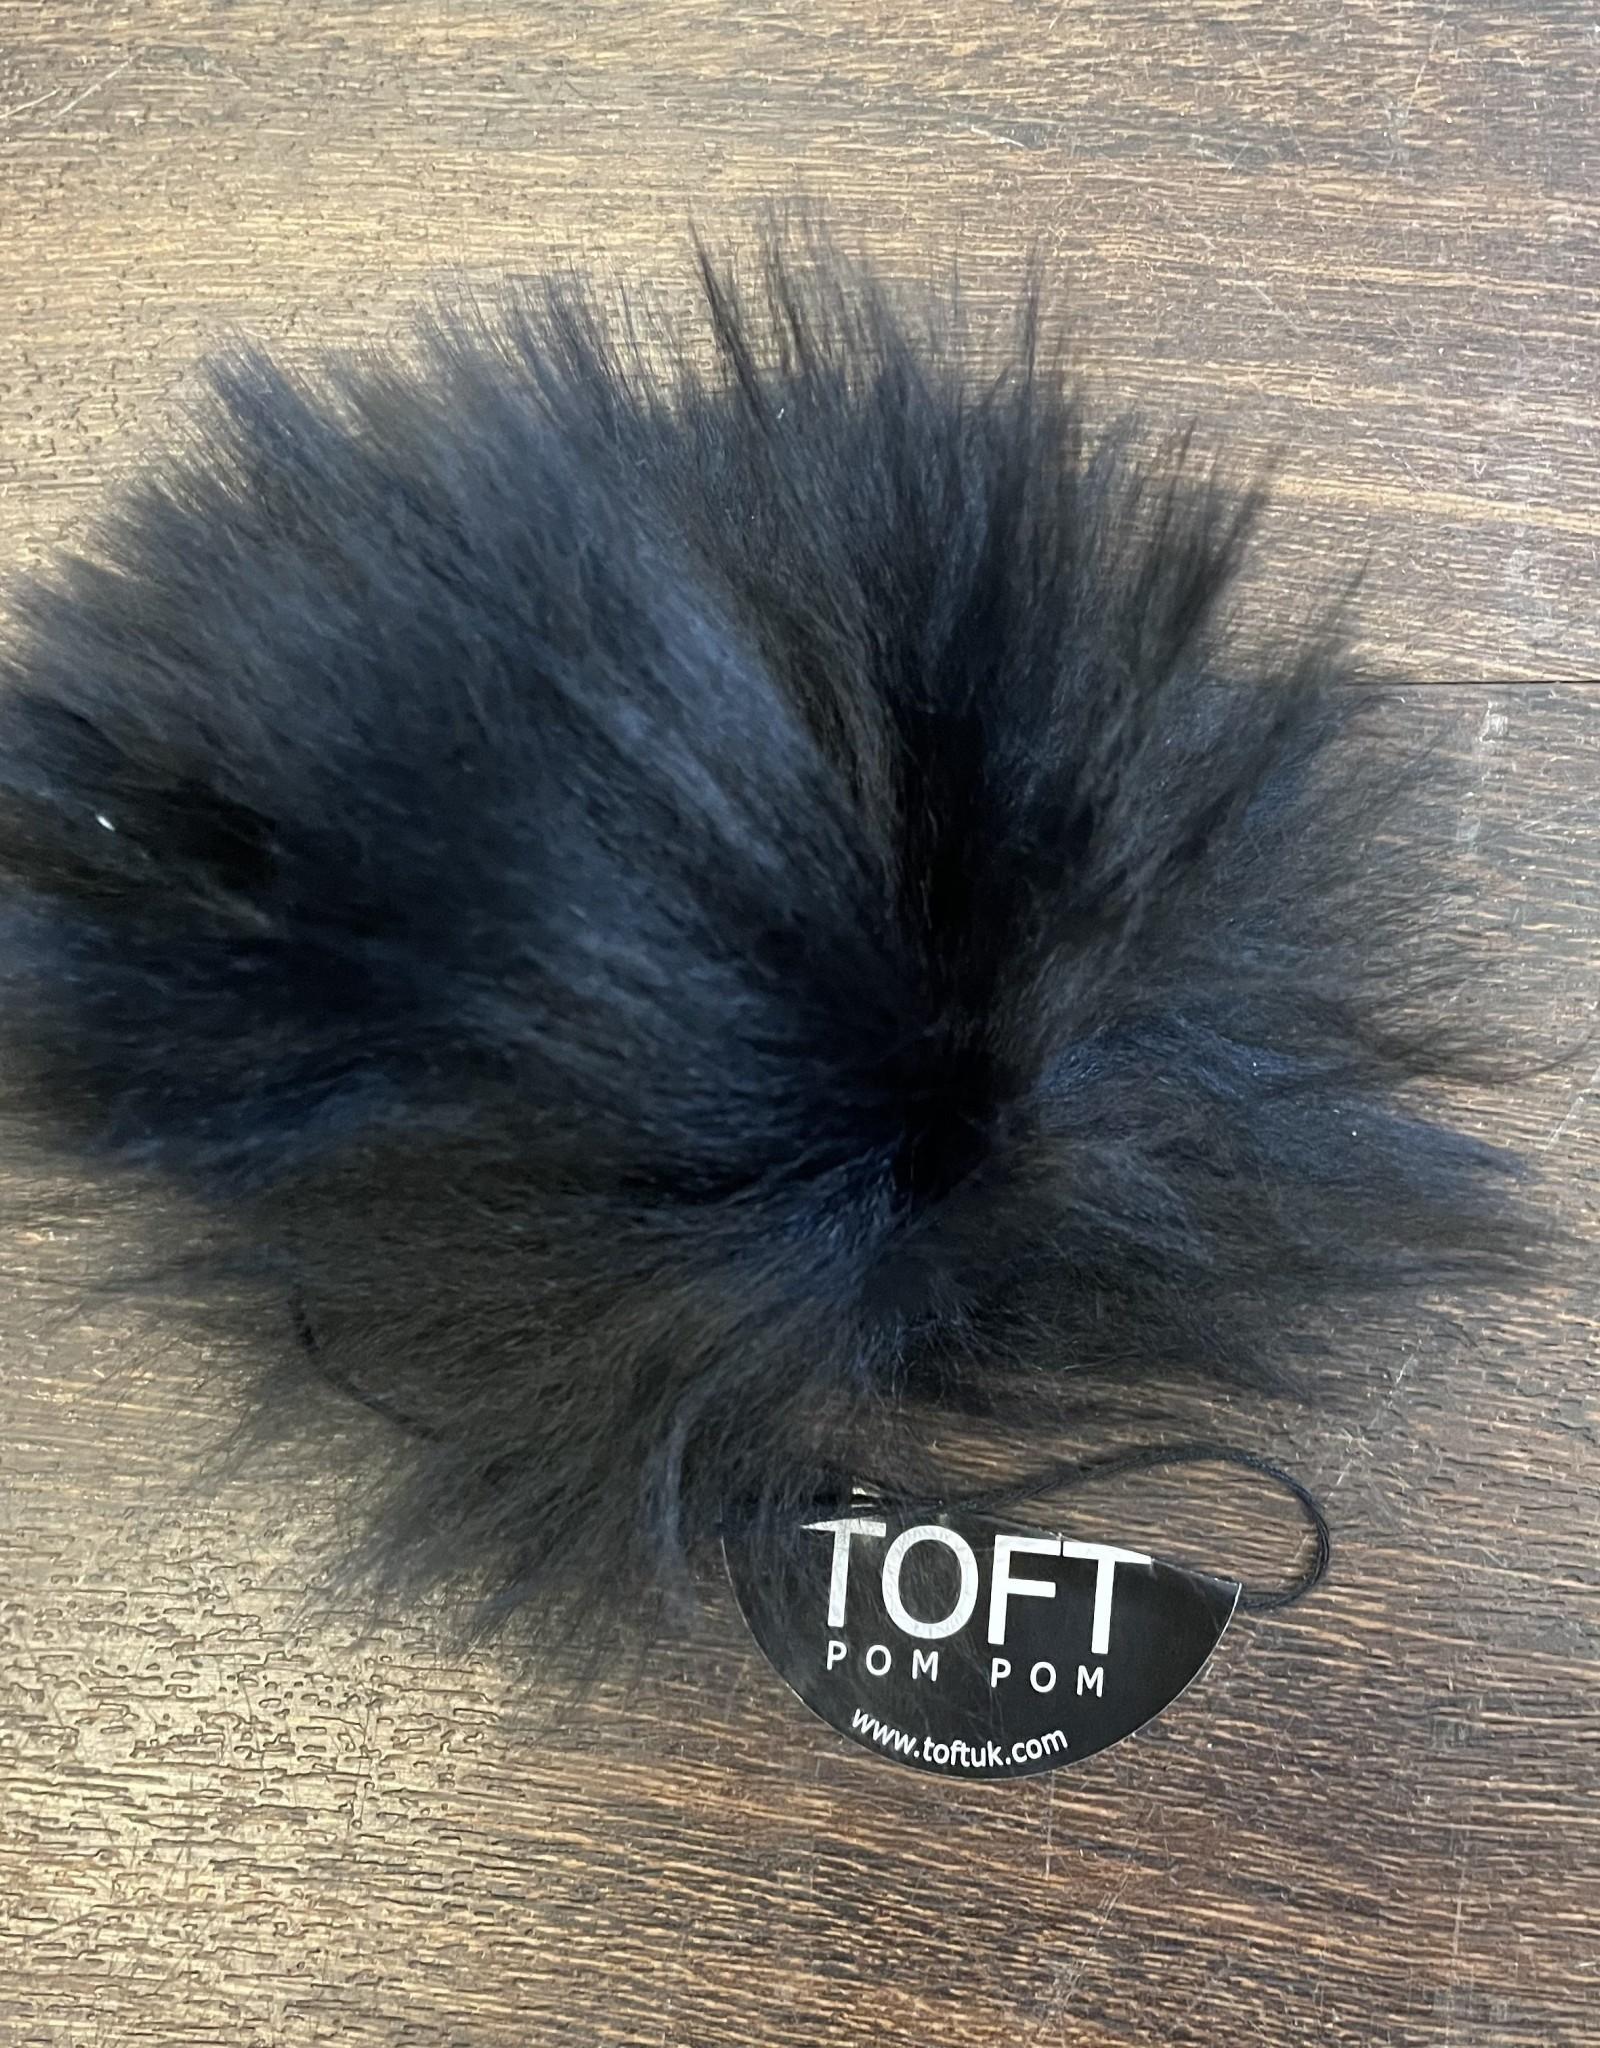 toft Toft Alpaca Fur Pom Pom